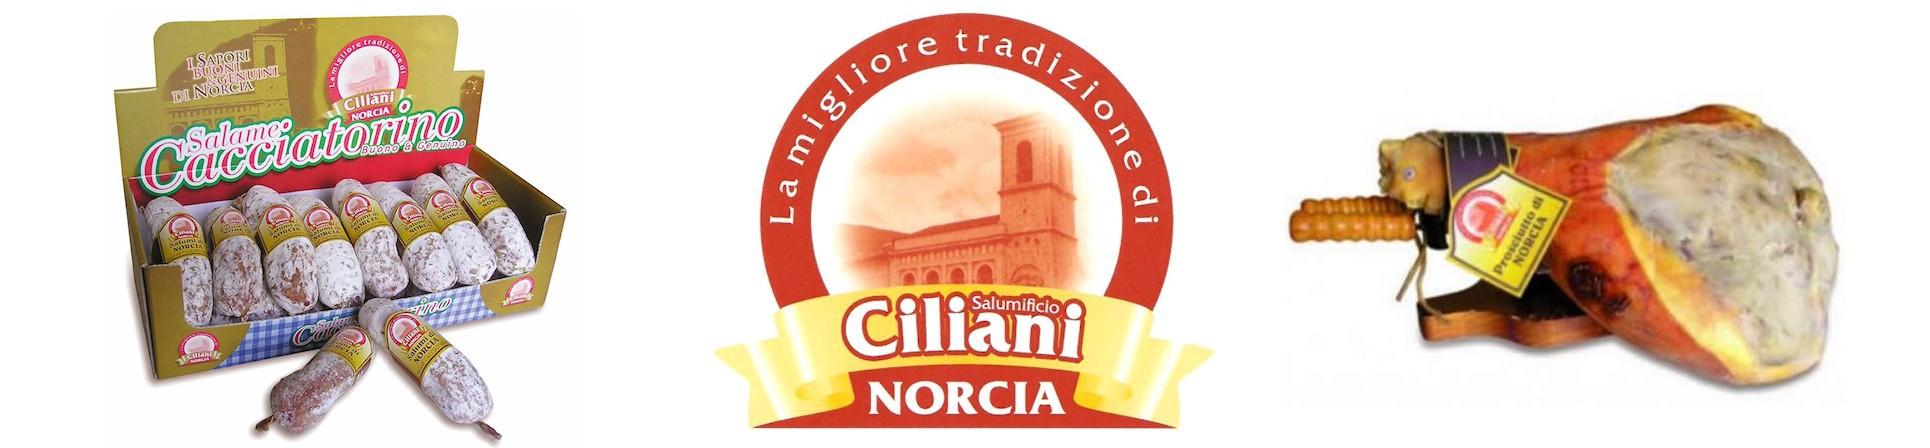 Prosciutto di Norcia Ciliani - vendita online